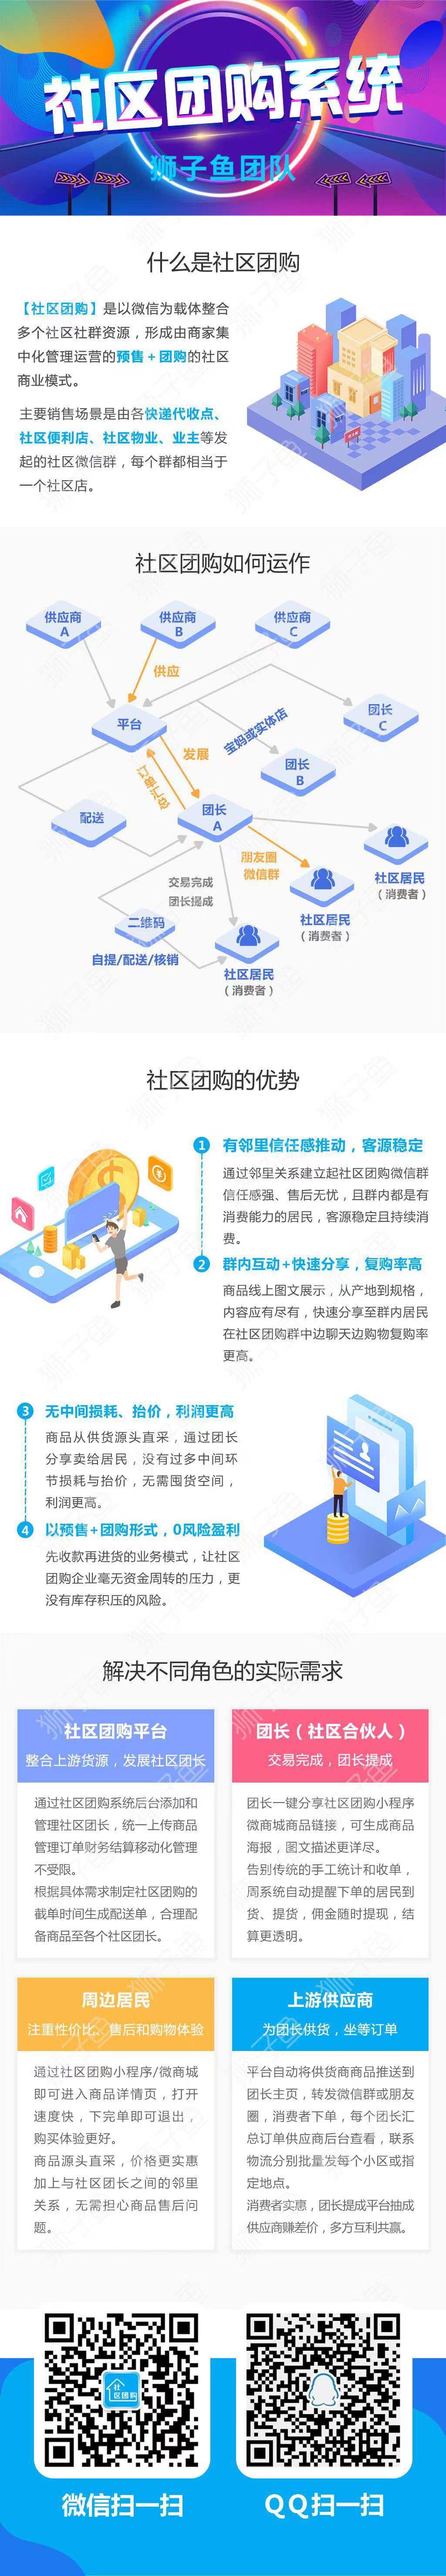 【微信小程序】狮子鱼社区团购小程序12.7.2+直播插件-商用无限多开版